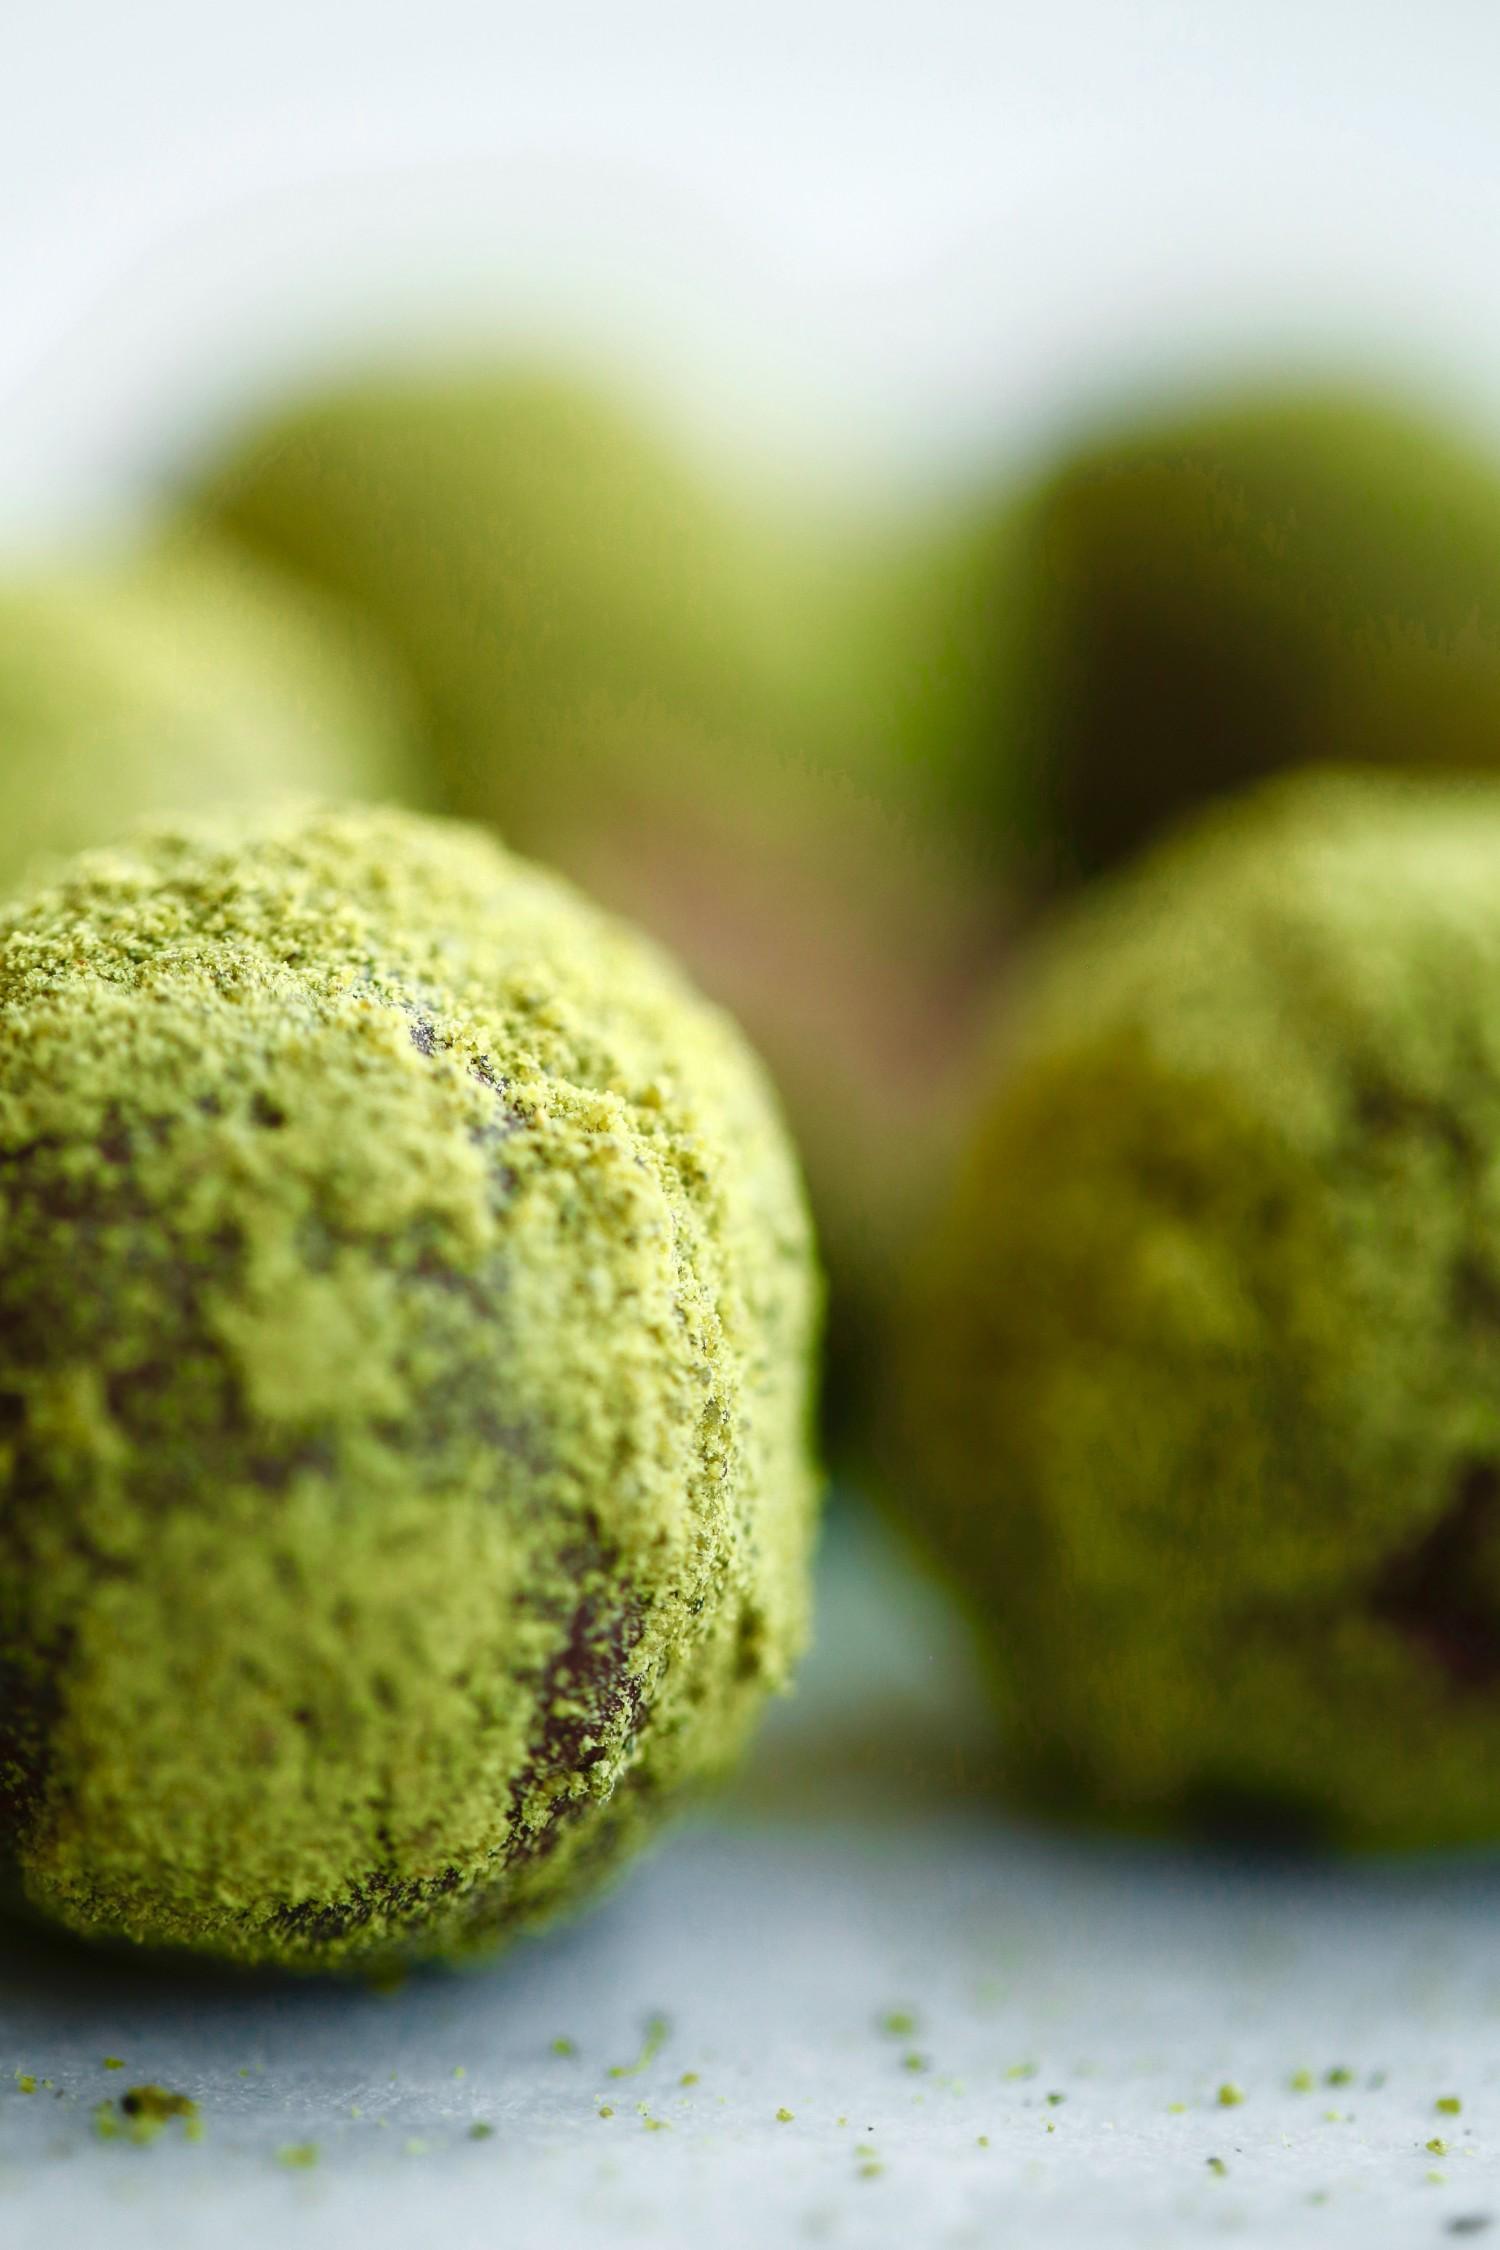 konfektkugler-med-graeskarsmoer-og-chokolade-vegansk-og-glutenfri-3